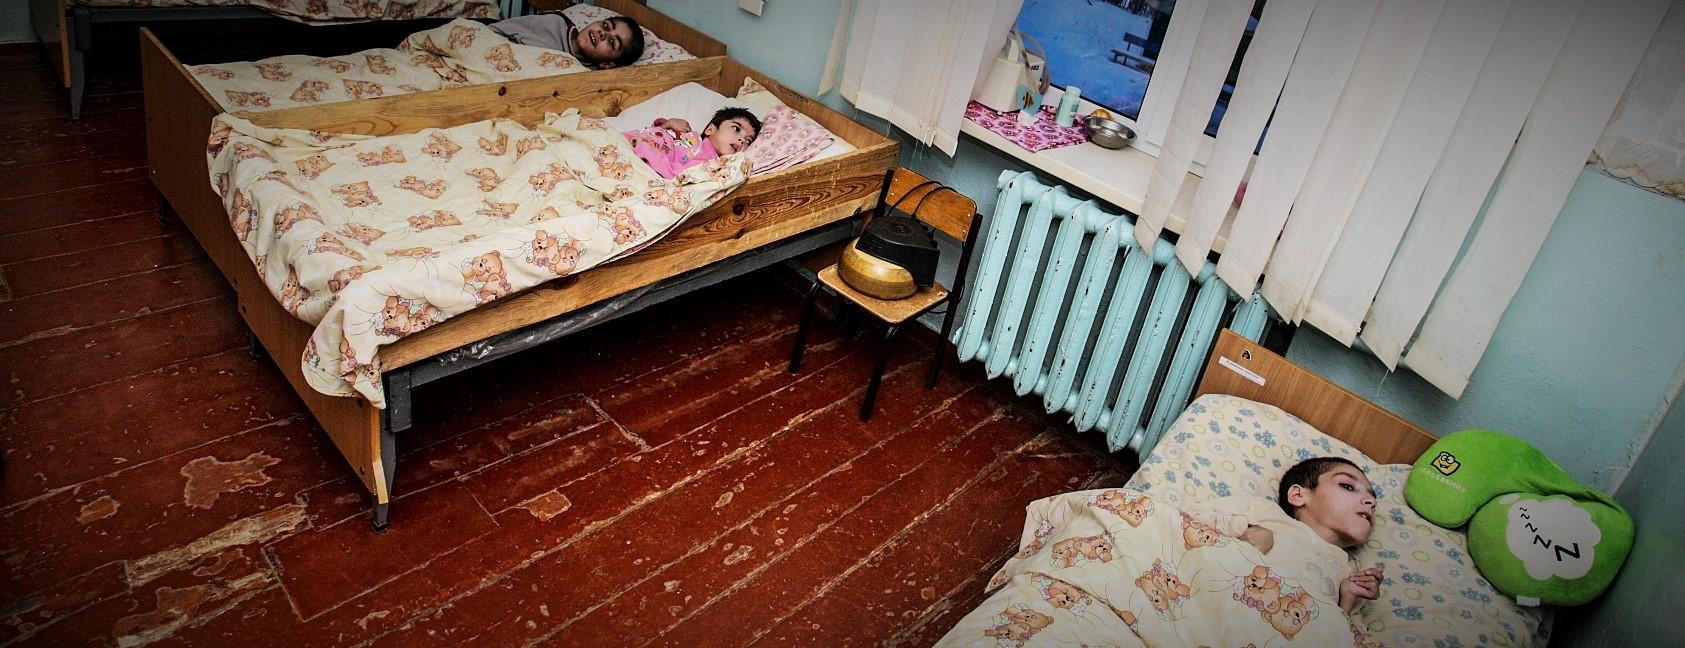 Die behinderte Kinder von Bohodukhiv